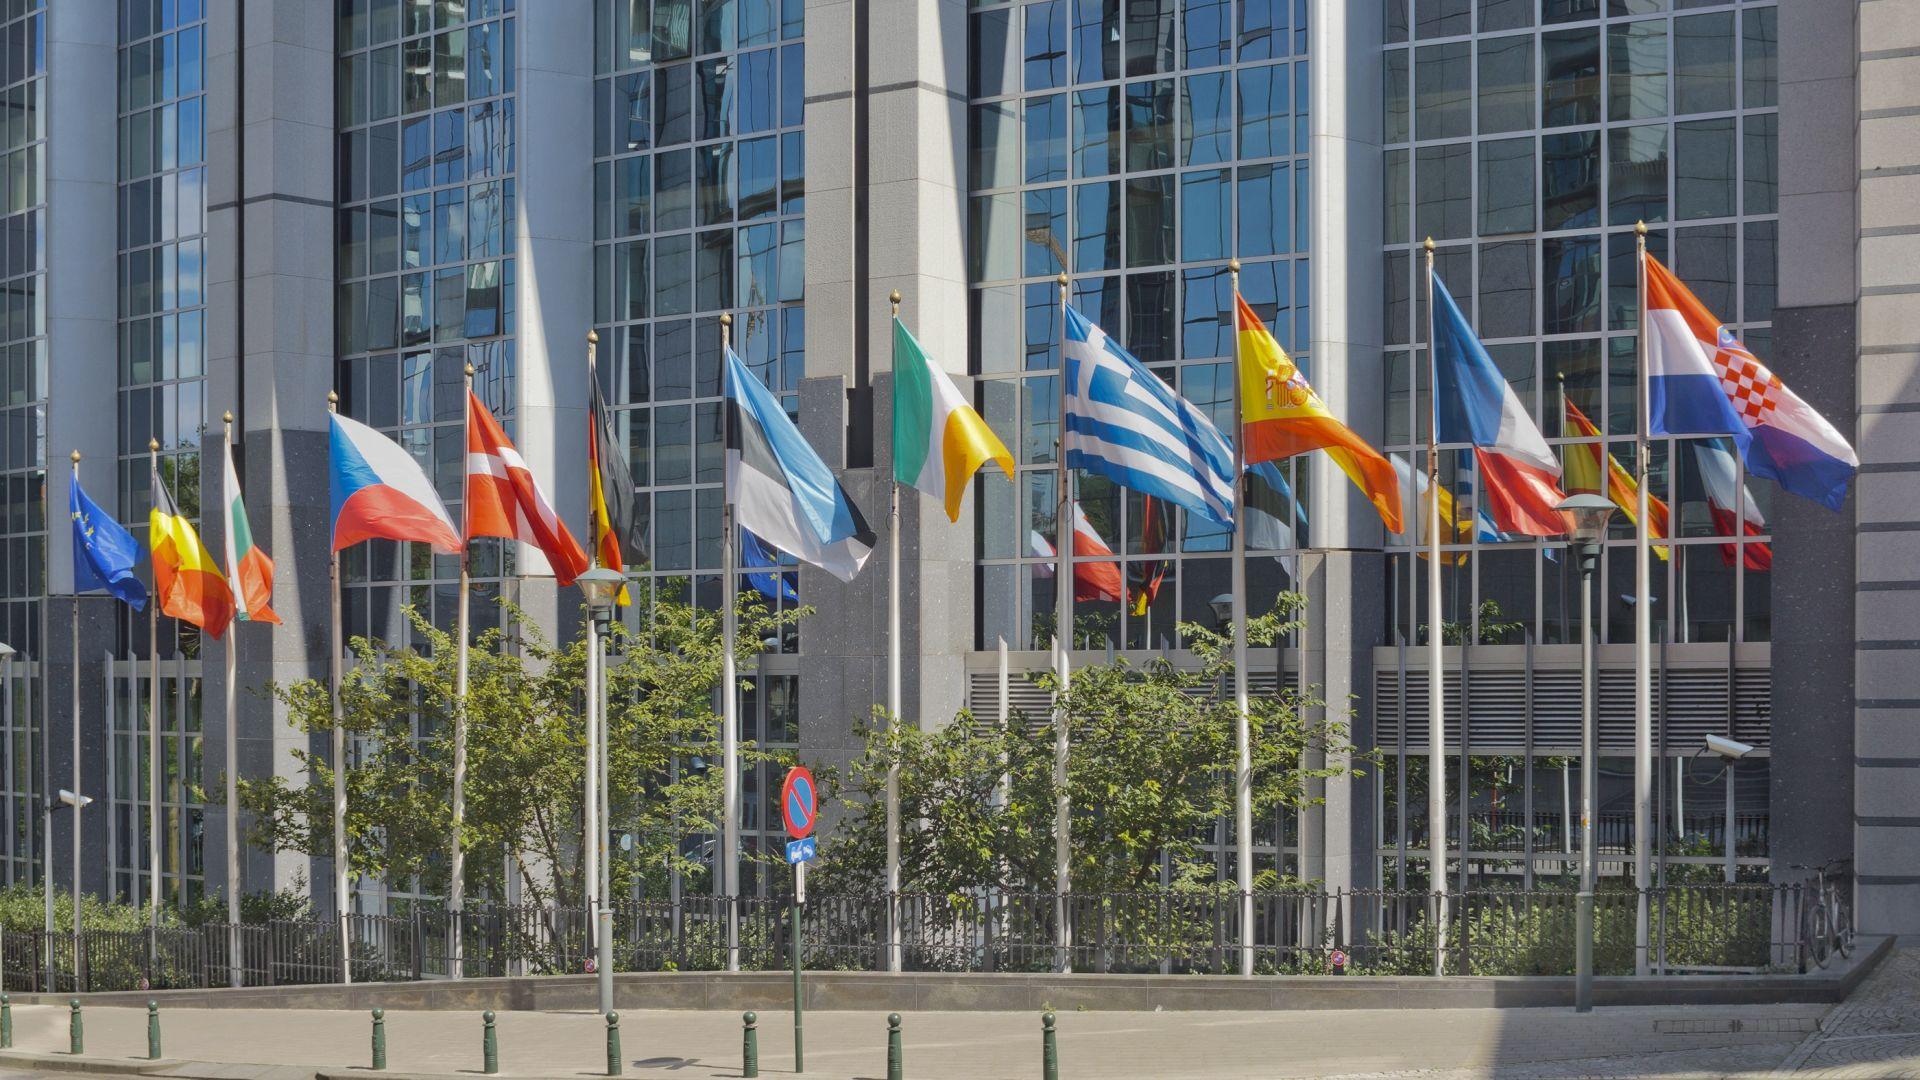 Проучване: Българският евродепутат трябва да е честен, последователен, диалогочен и да знае чужди езици